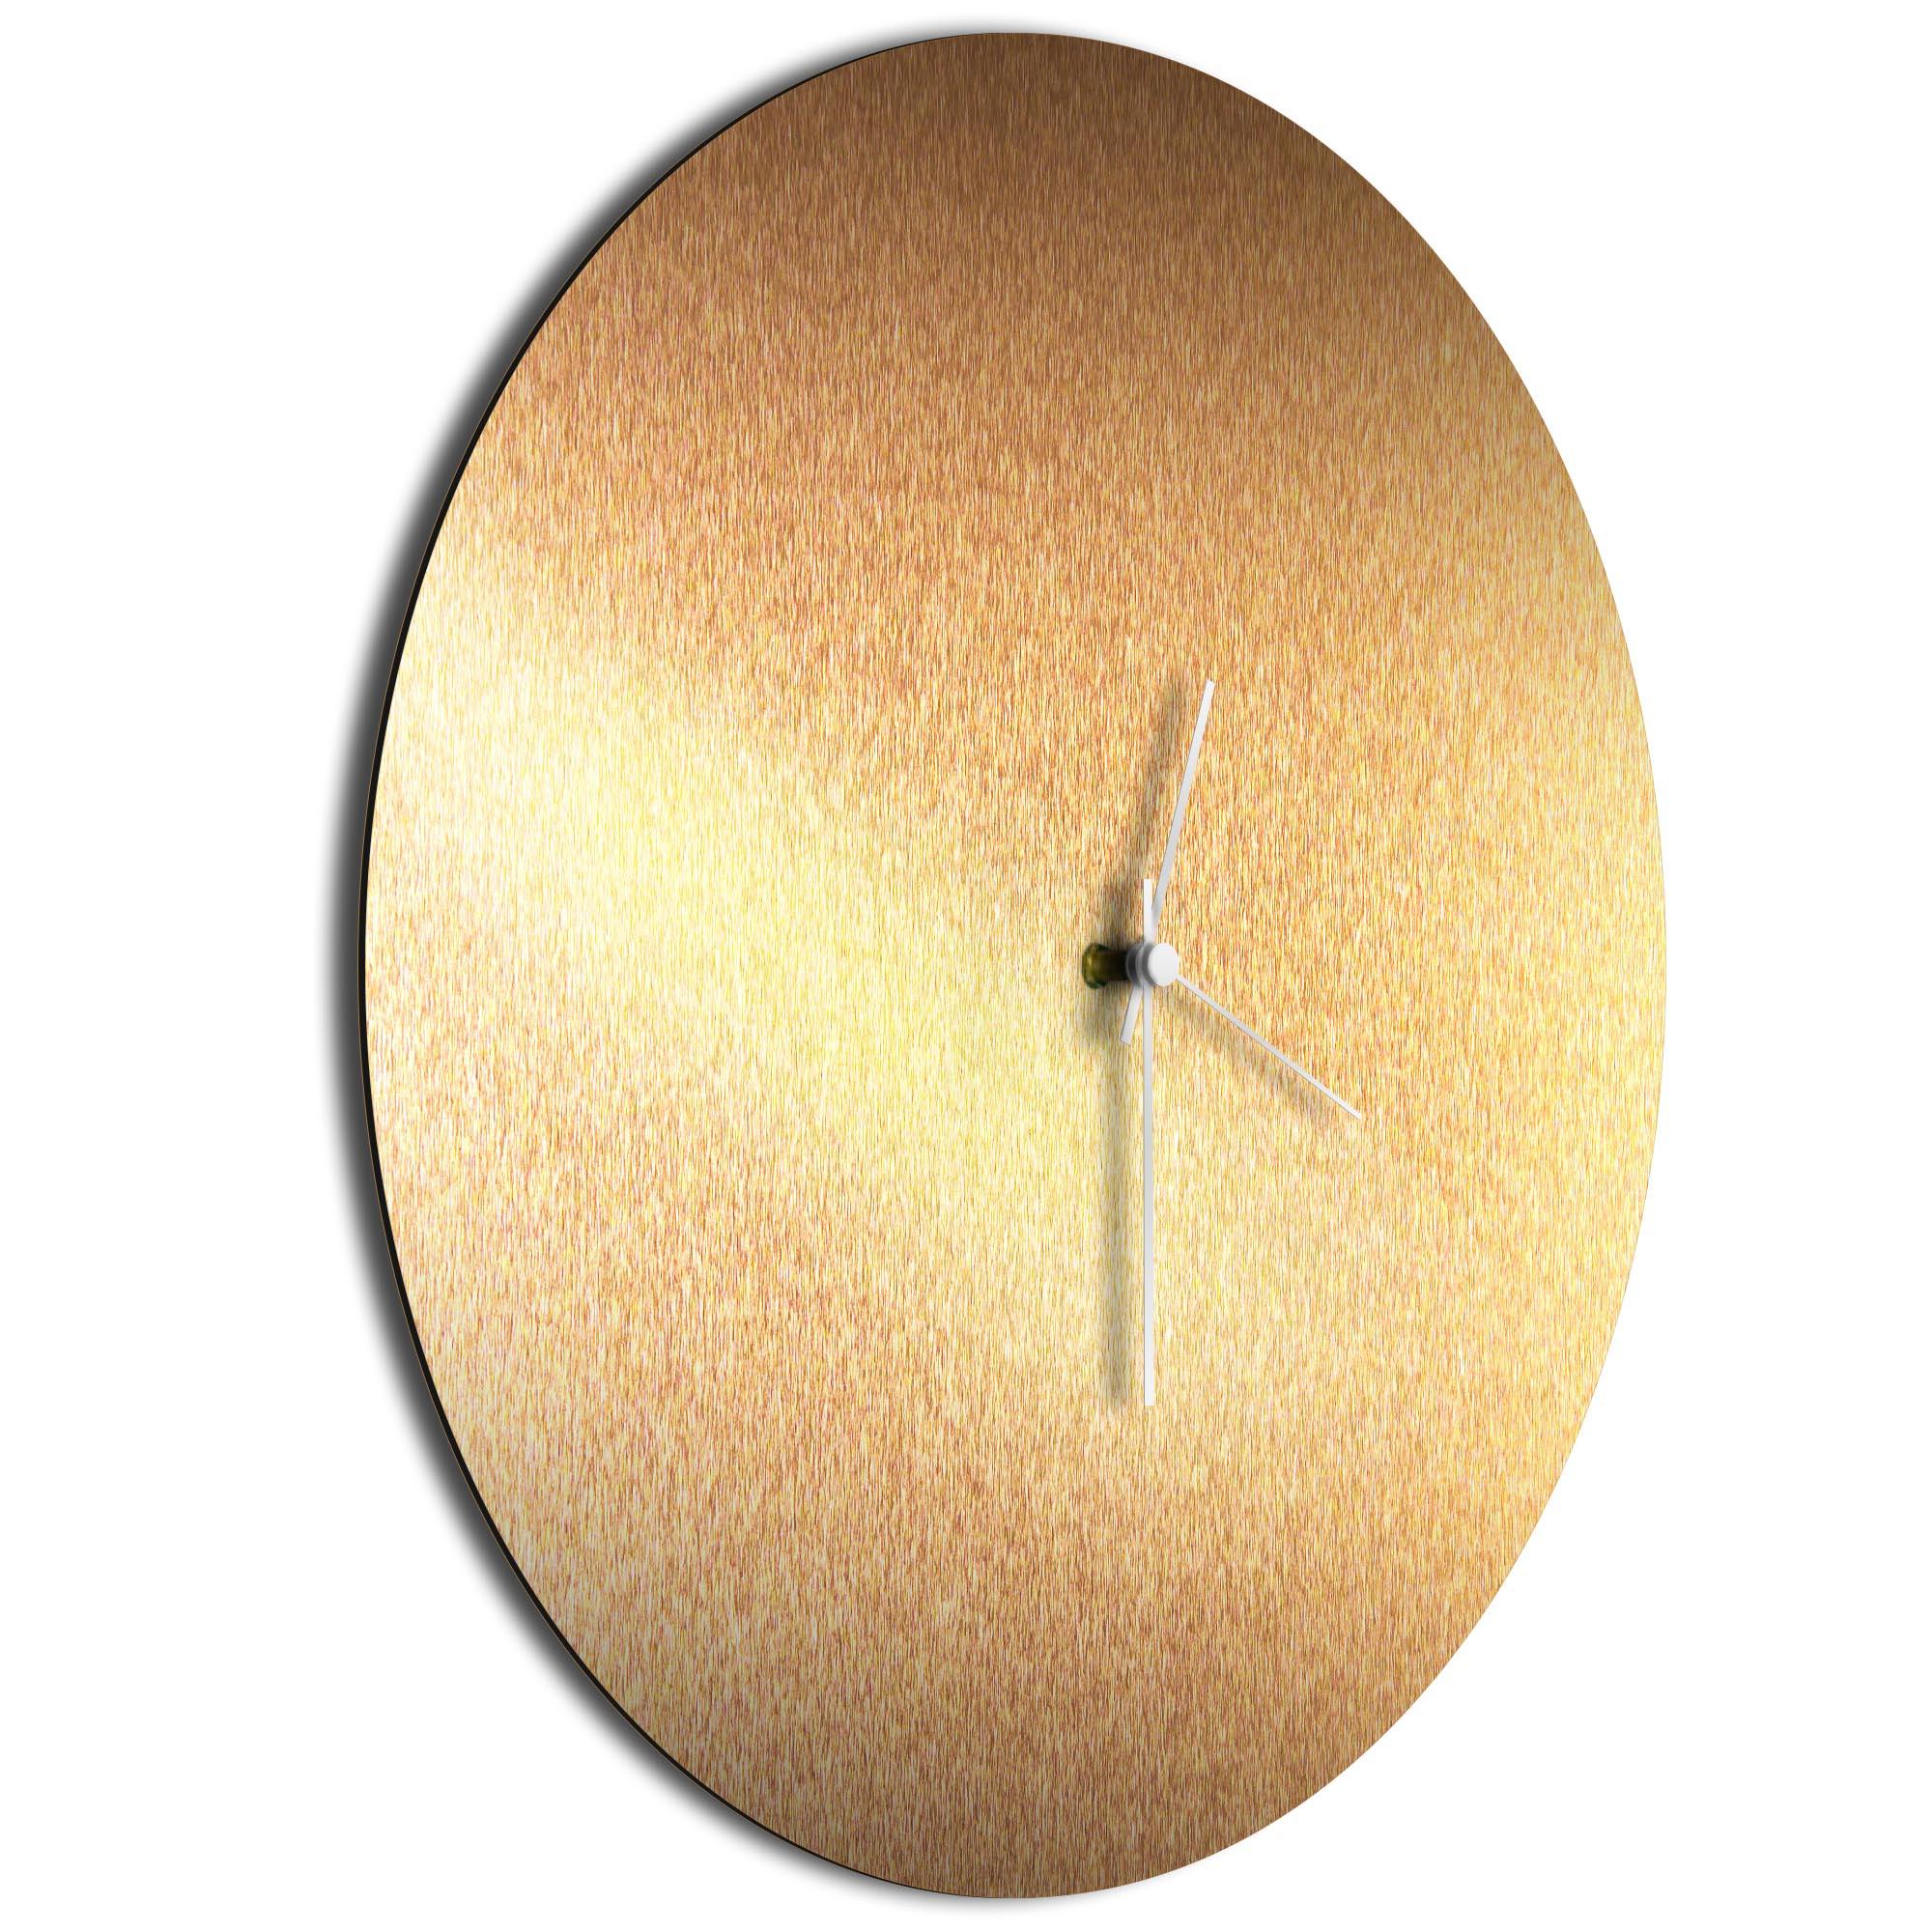 Bronzesmith Circle Clock Large White - Image 2